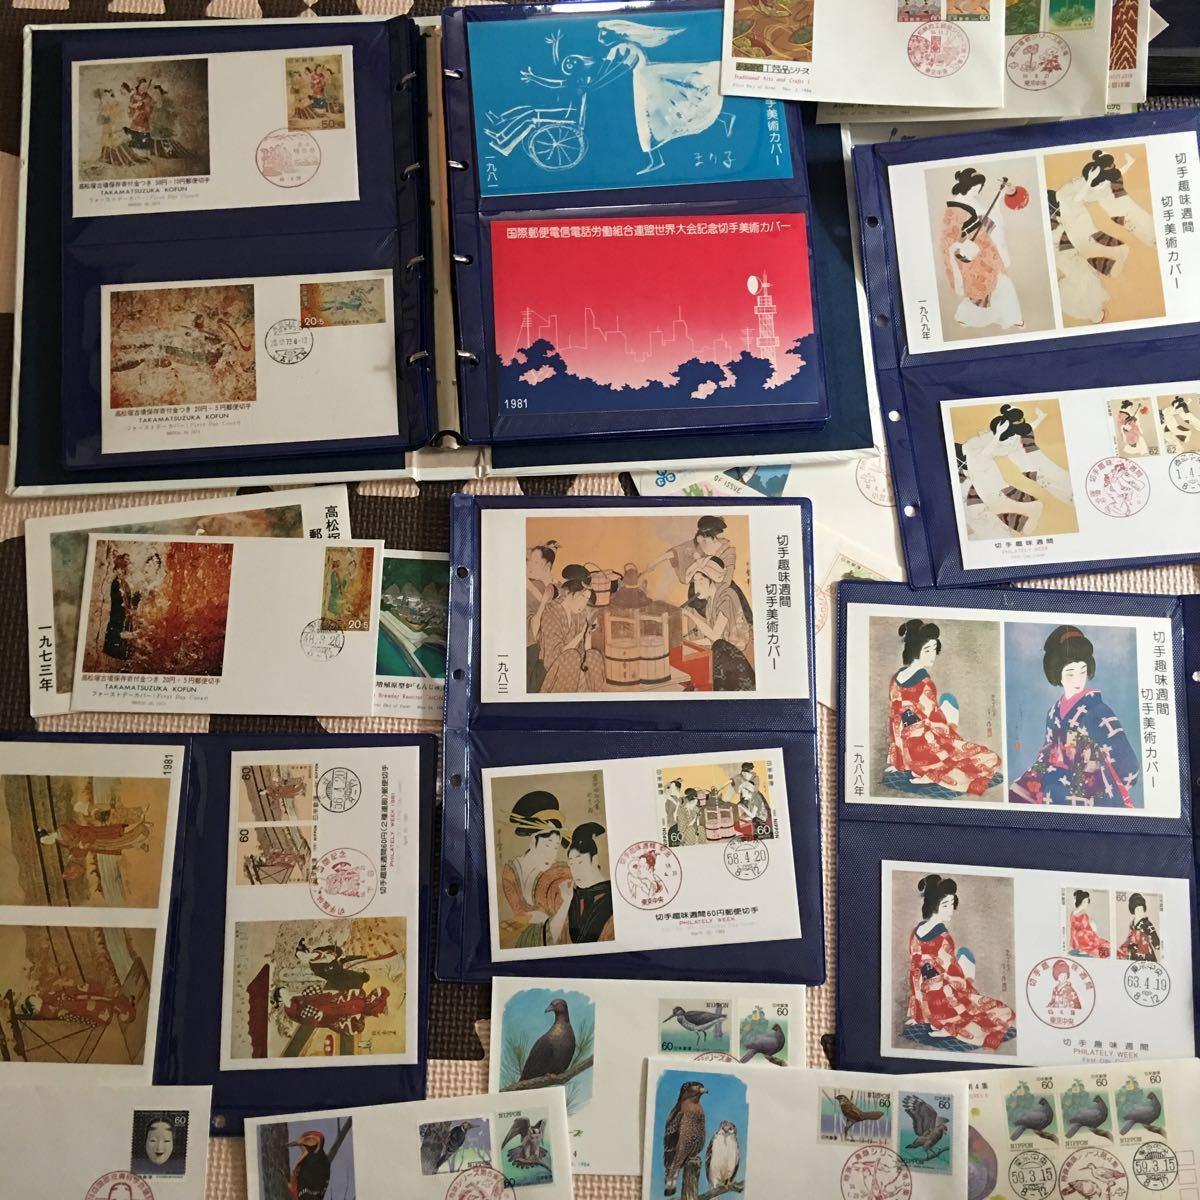 ◆大量◆◆→→→日本切手・FDC ・初日カバー・切手趣味週間・年賀・ふるさと・記念シリーズ・他・アルバム4冊約300枚まとめて◆◆_画像9